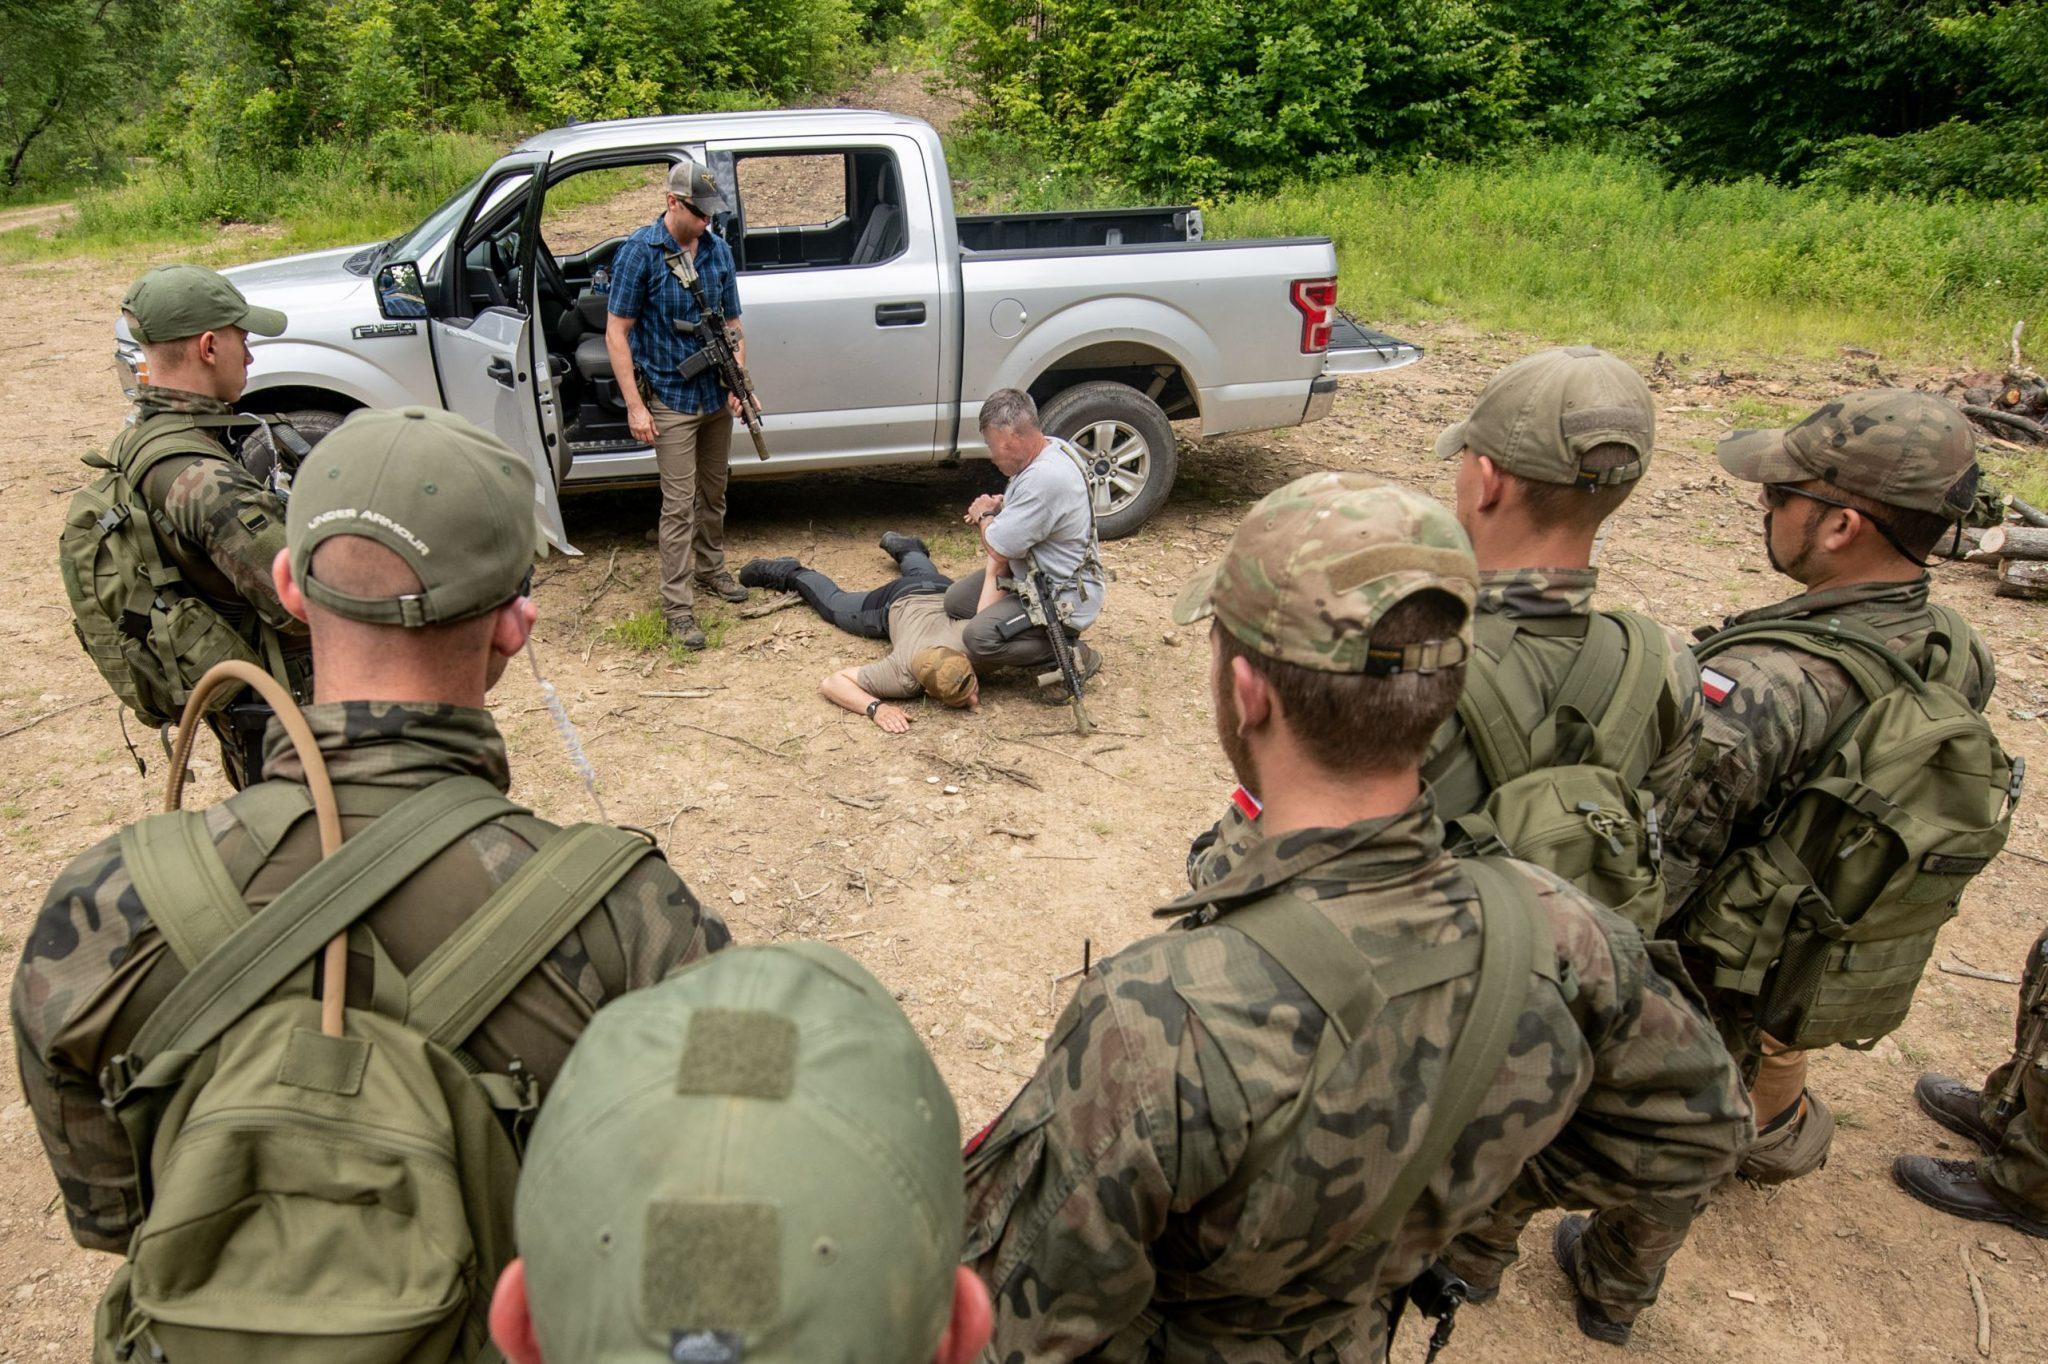 """Vojáci speciální polské jednotky na cvičení u """"zelených baretů"""" (National Guard, Edwin L. Wriston)"""